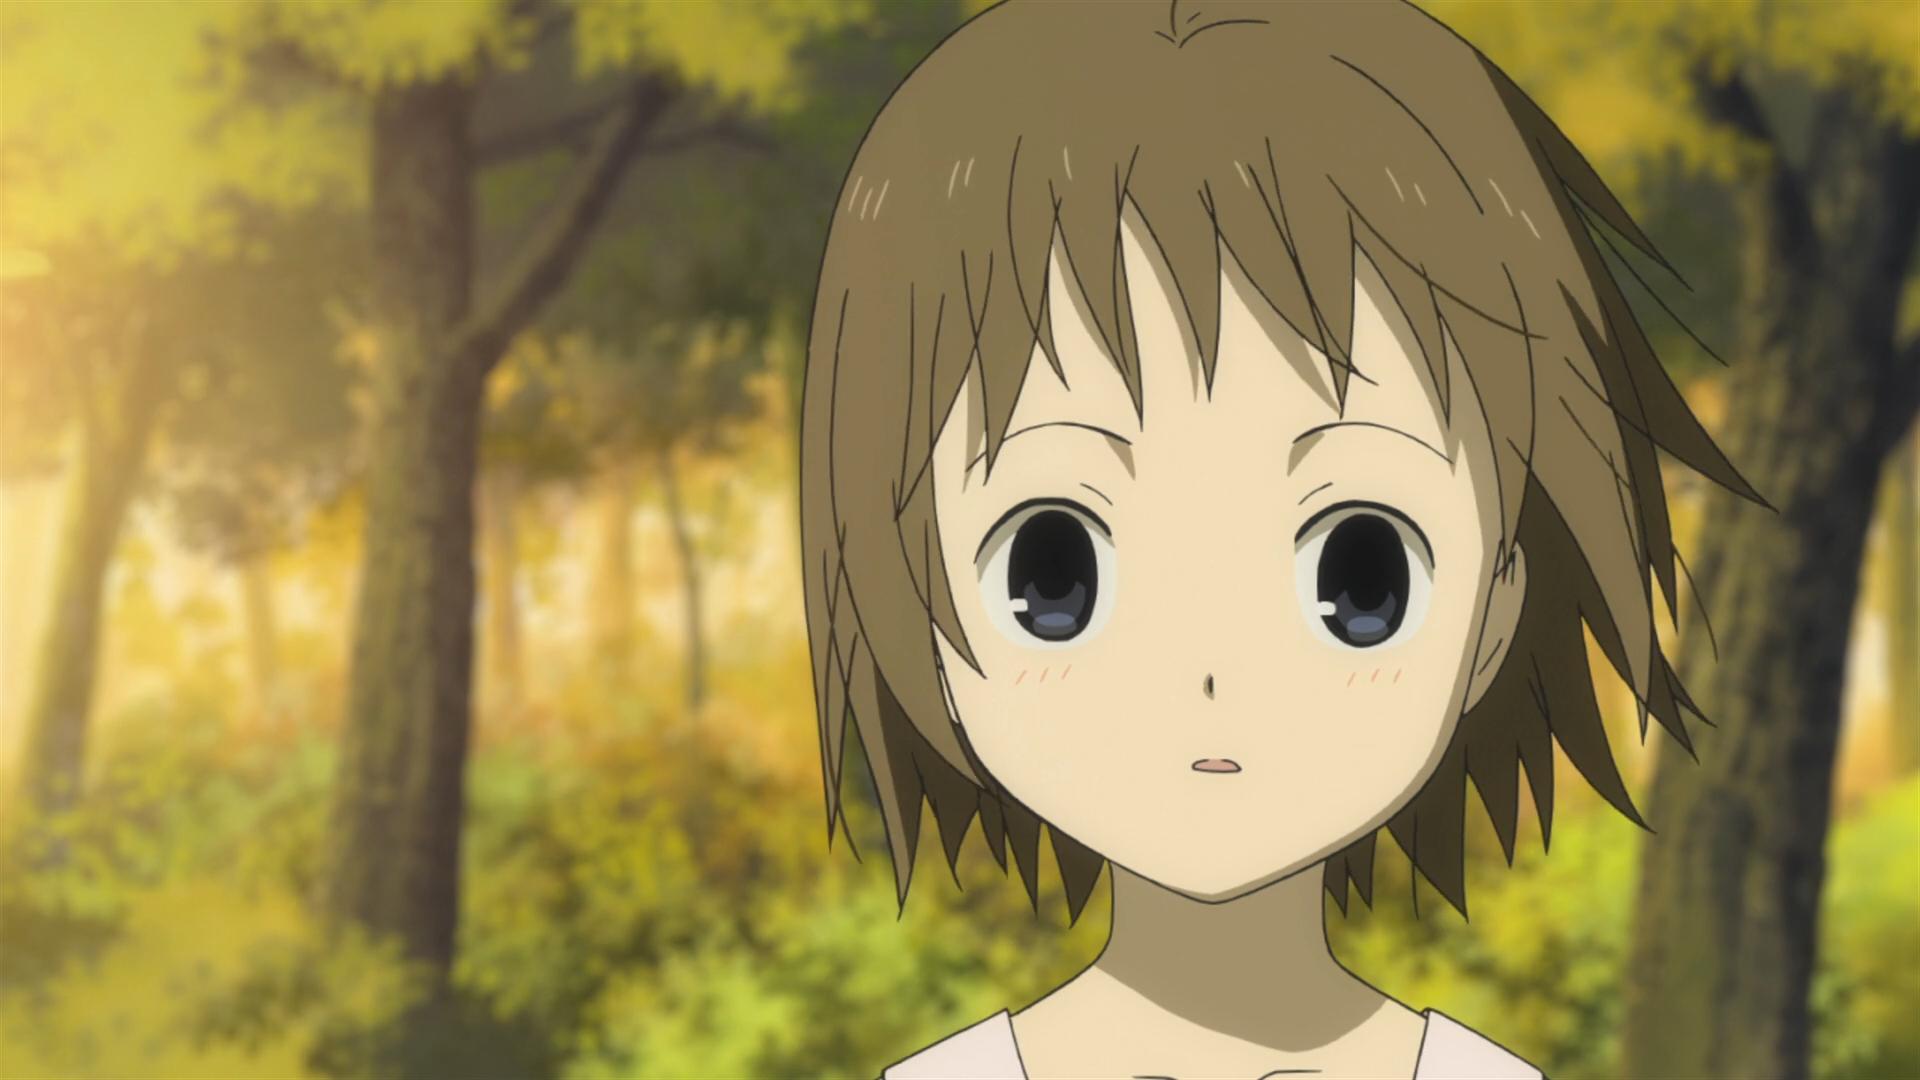 Movie Into The Forest Of Fireflies' Light Hotarubi No Mori